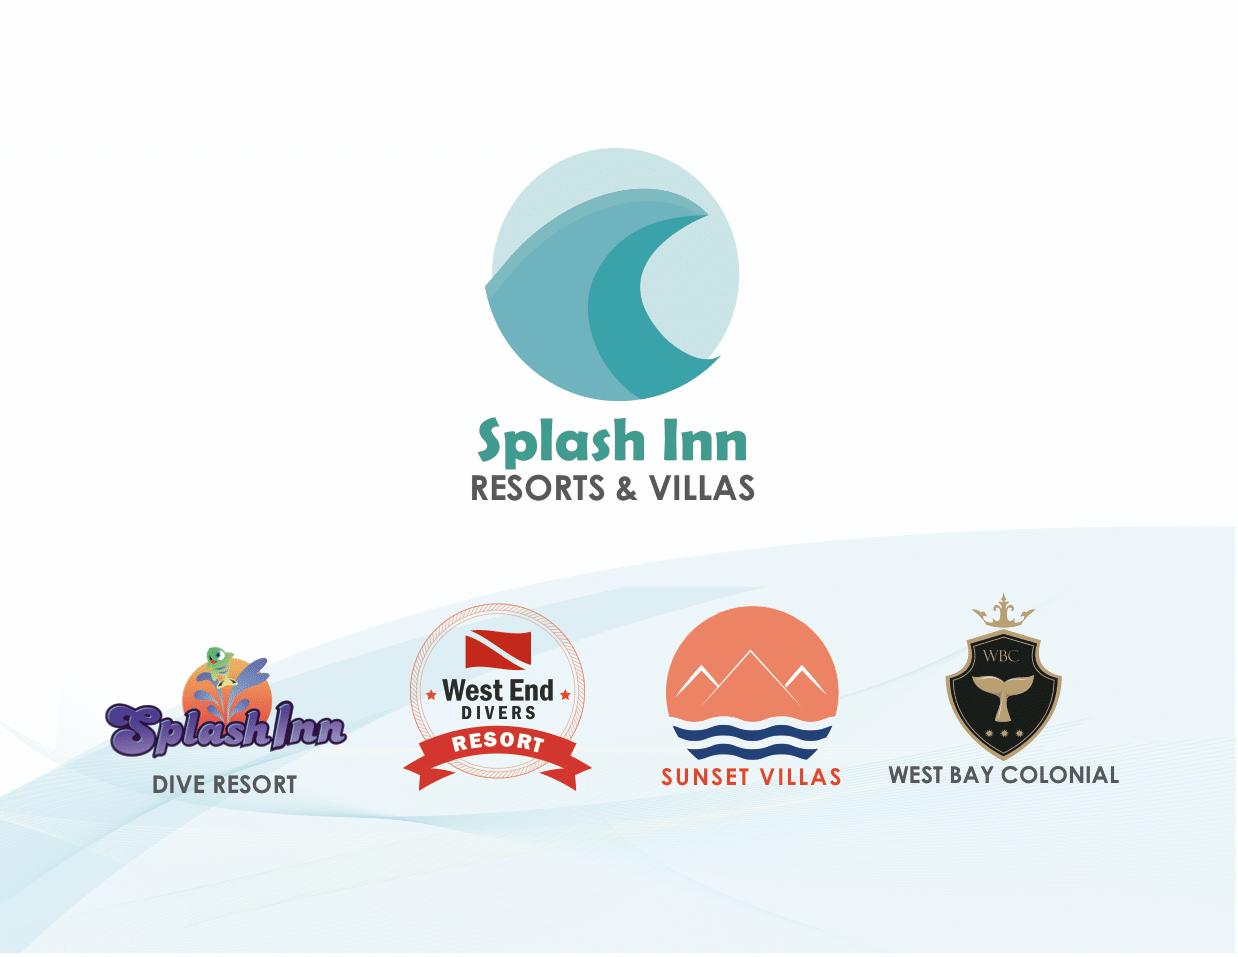 Splash Inn resorts & villas logos